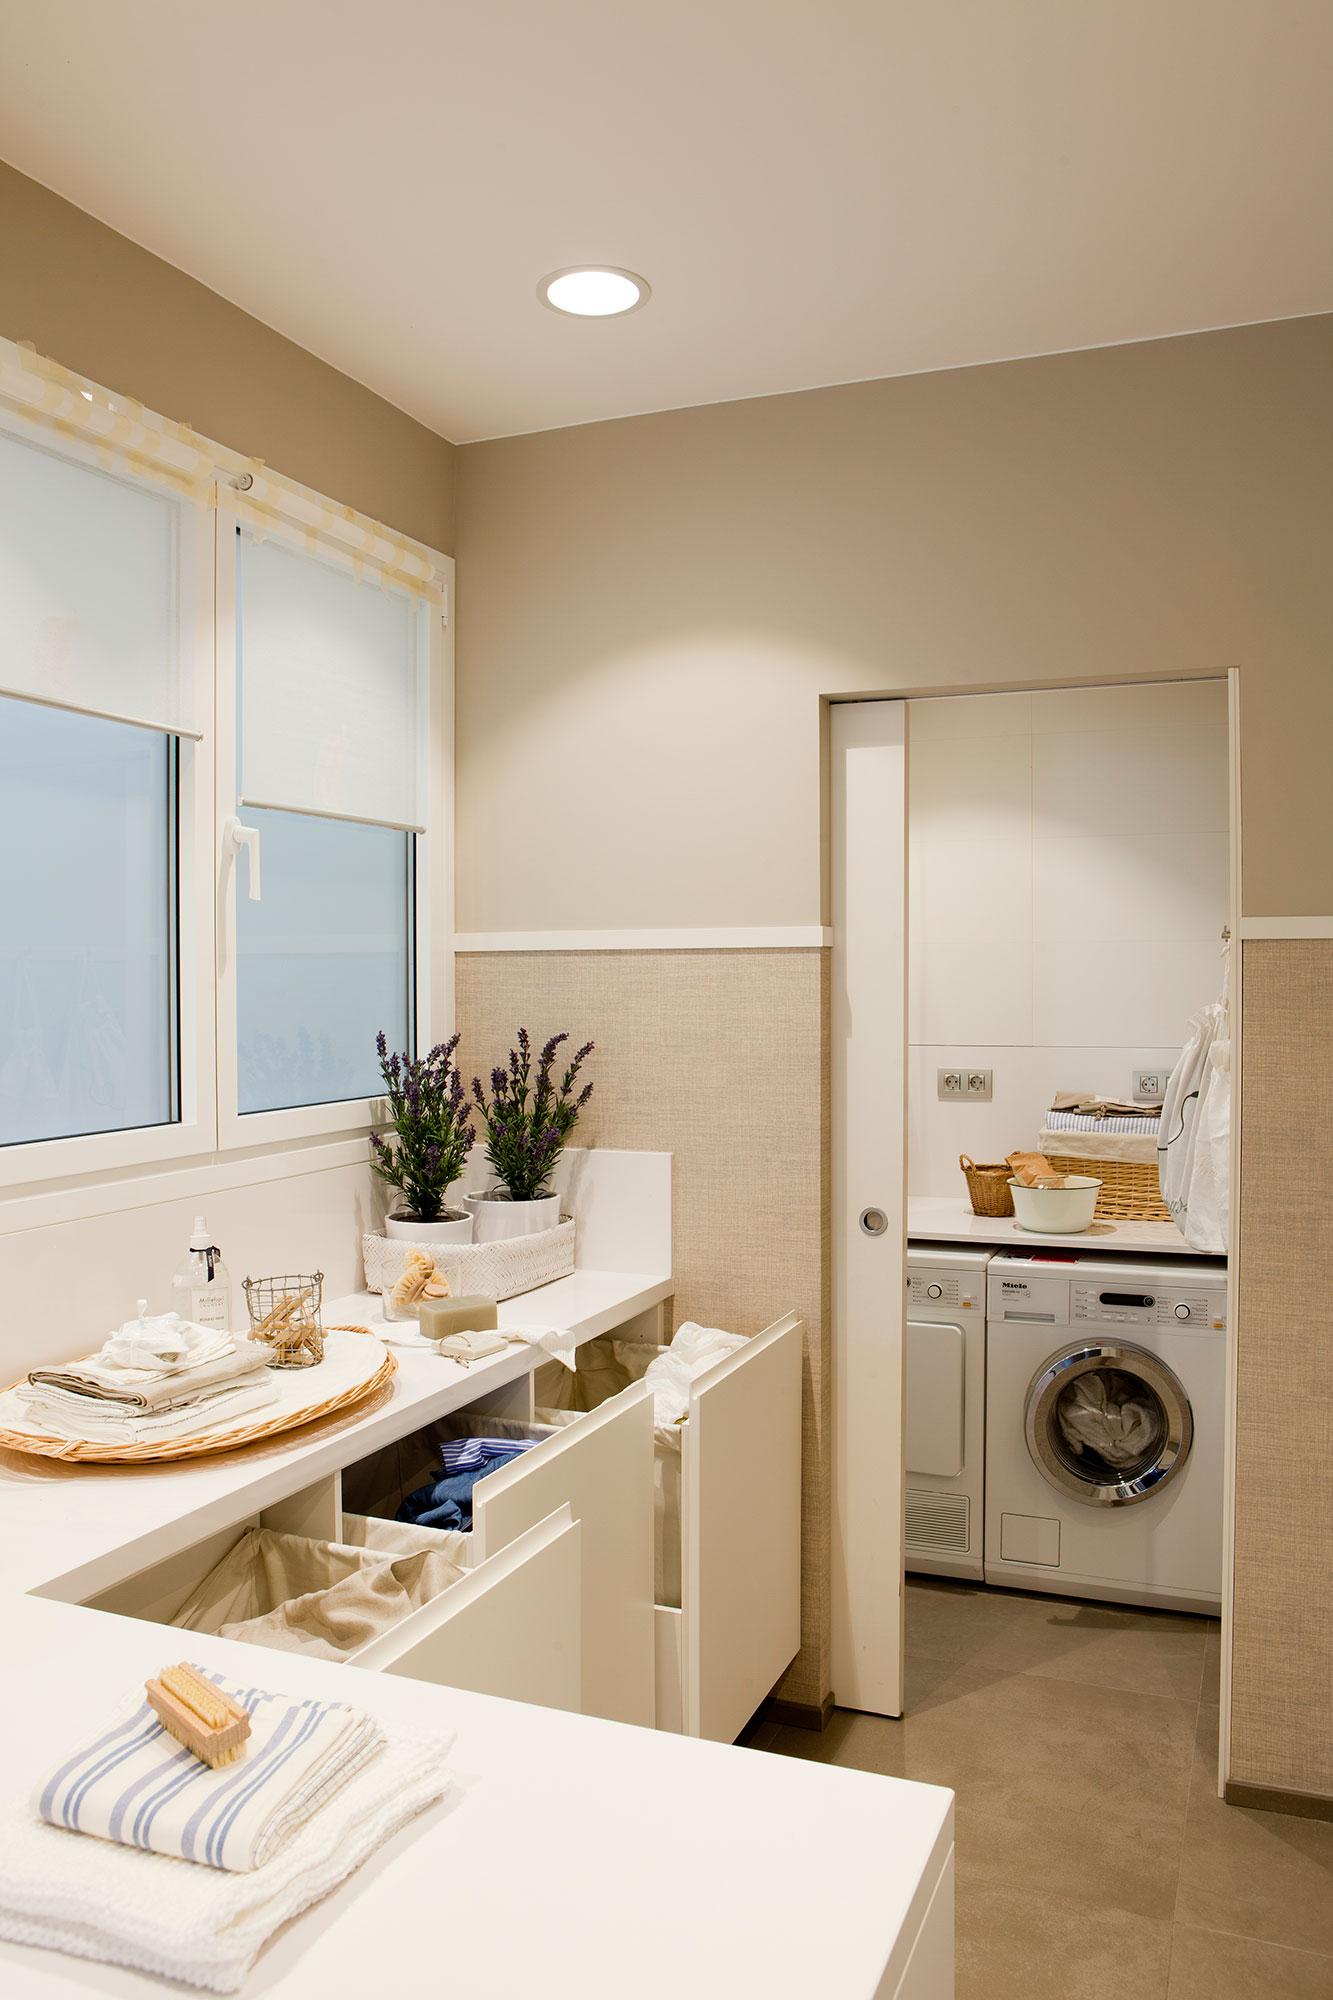 Colocar lavadora y secadora en columna amazing for Lavadero de cocina con mueble